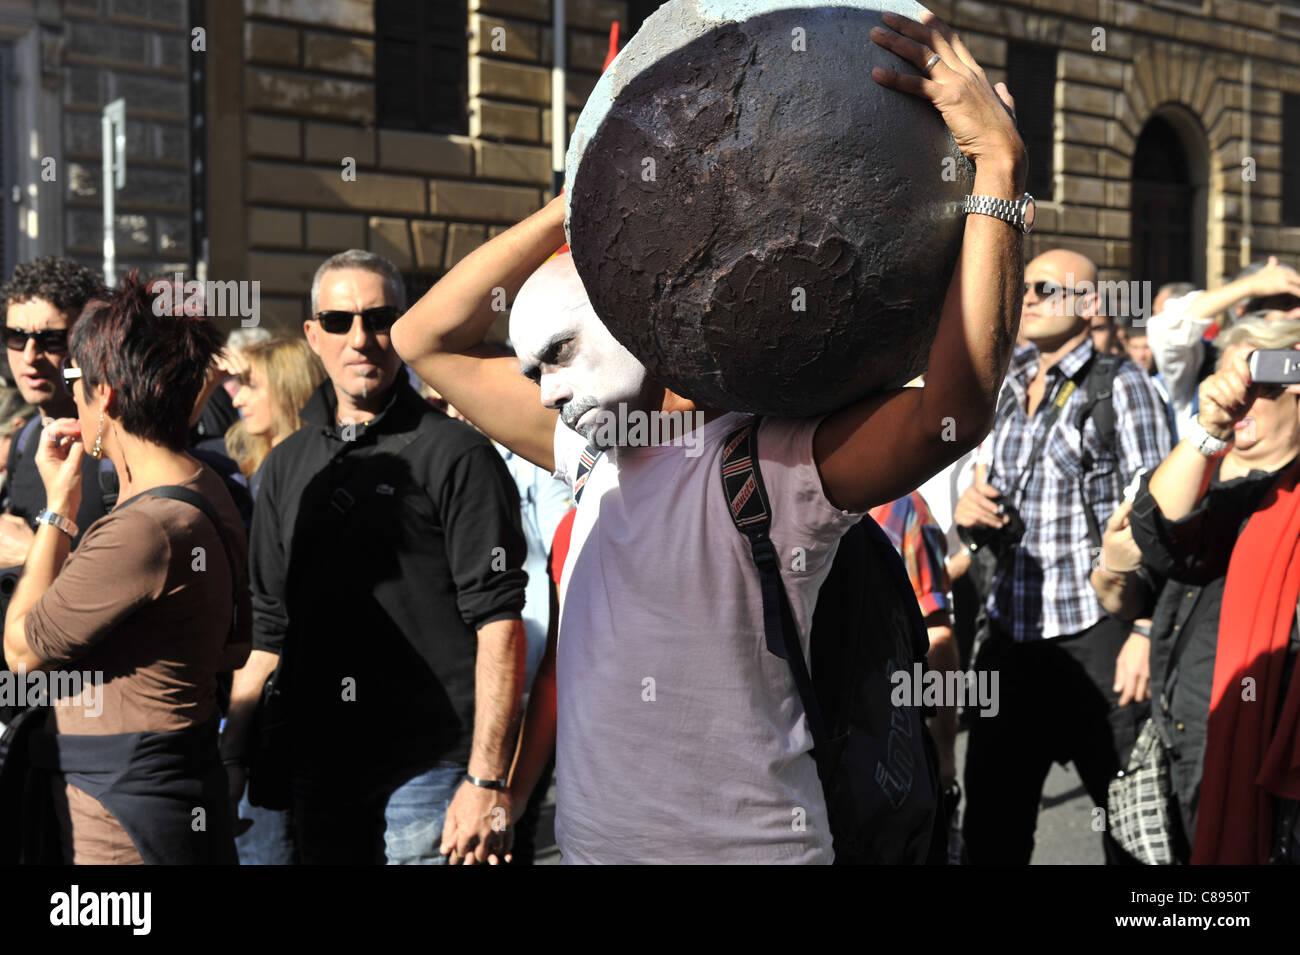 Indignés protester à rome tourne à la violence Photo Stock